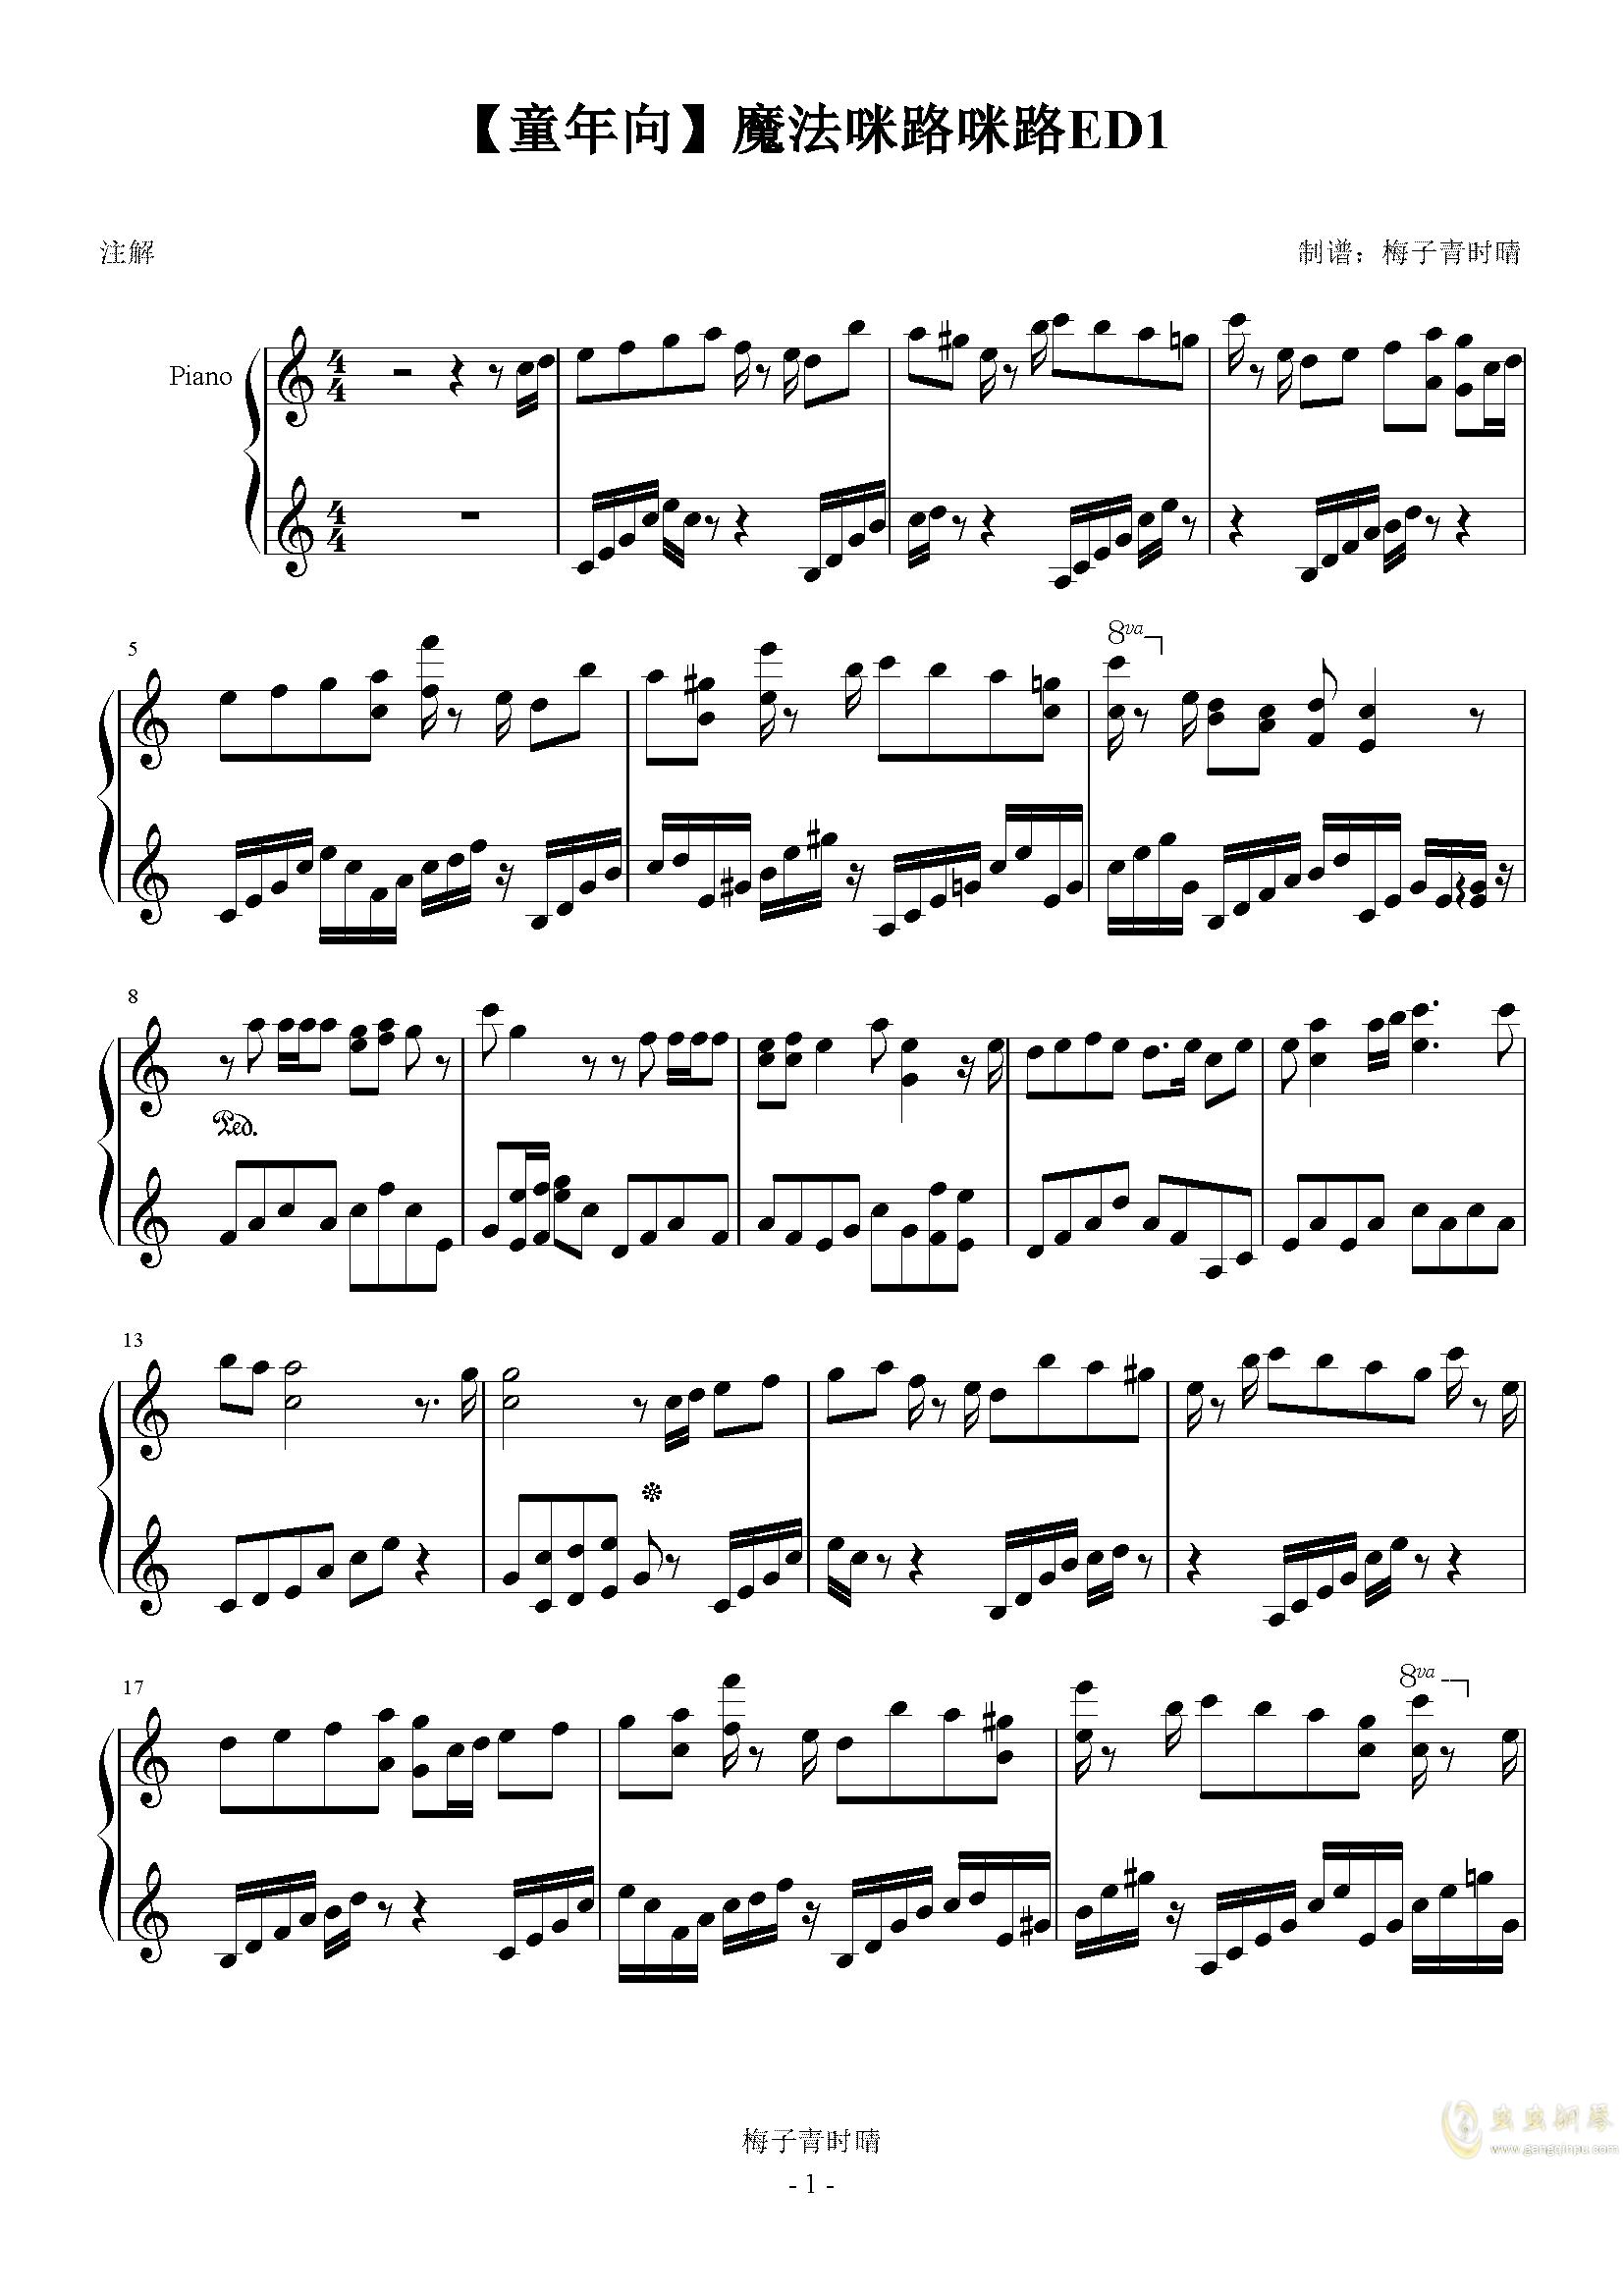 魔法咪路咪路ED1钢琴谱 第1页